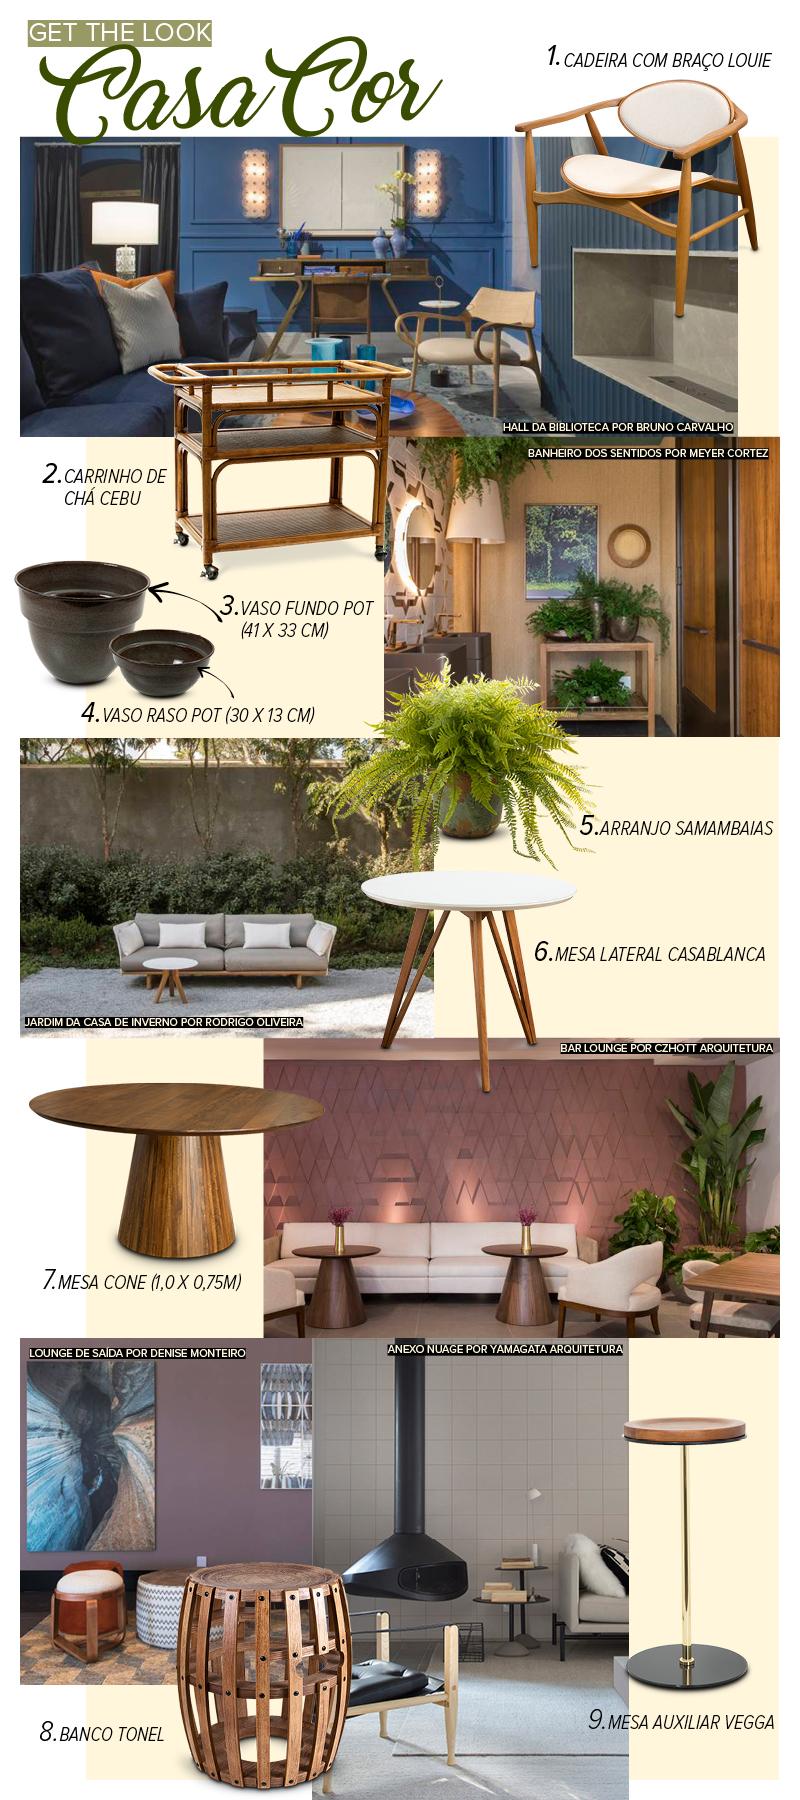 Get the look Casa Cor com móveis e objetos Cecilia Dale